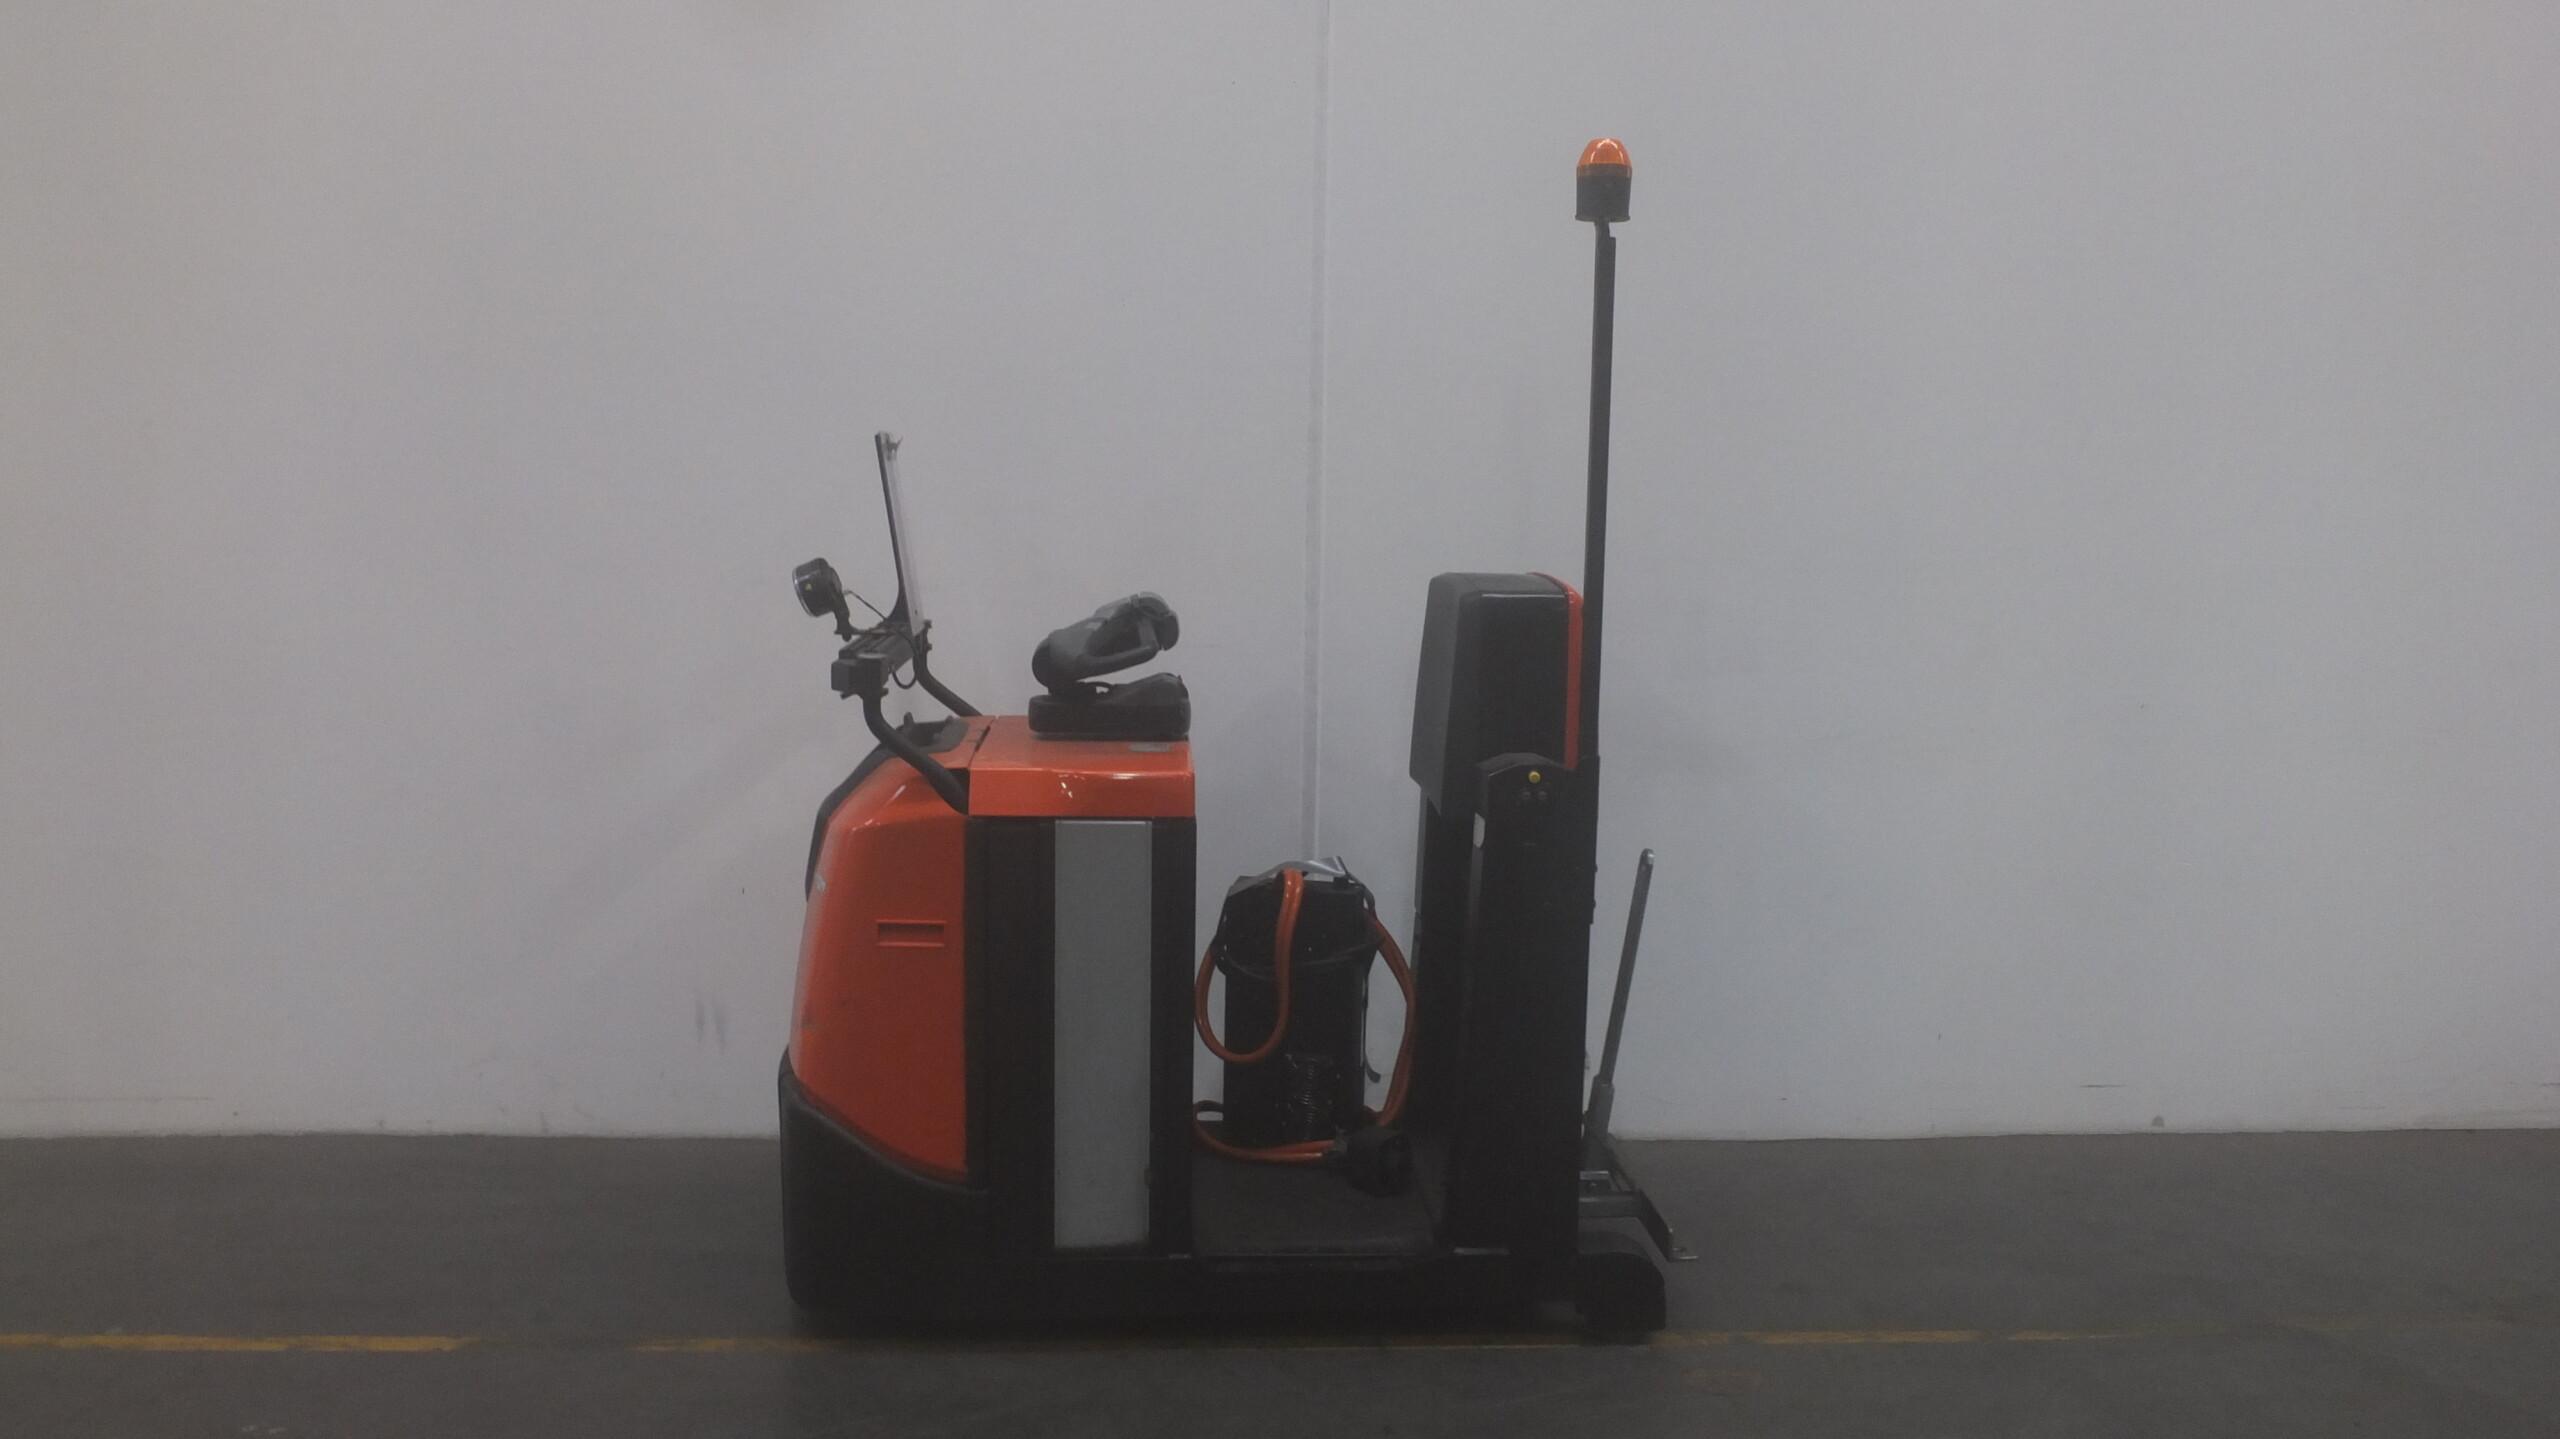 Toyota-Gabelstapler-59840 1803018151 1 5 scaled